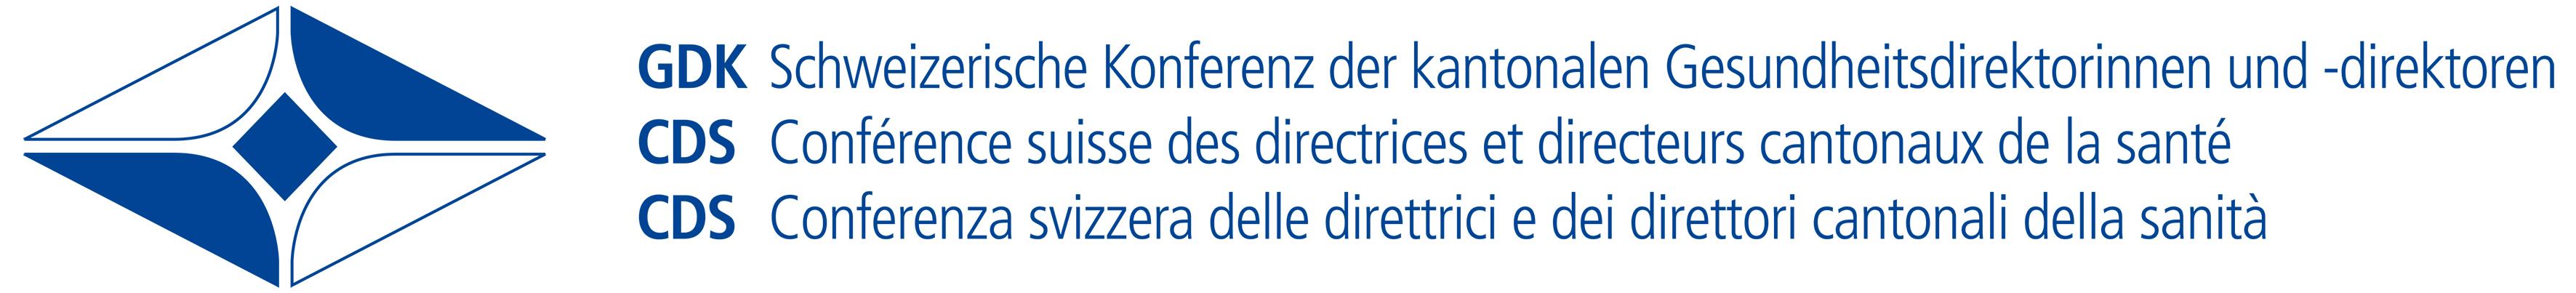 GDK Logo 2013 L